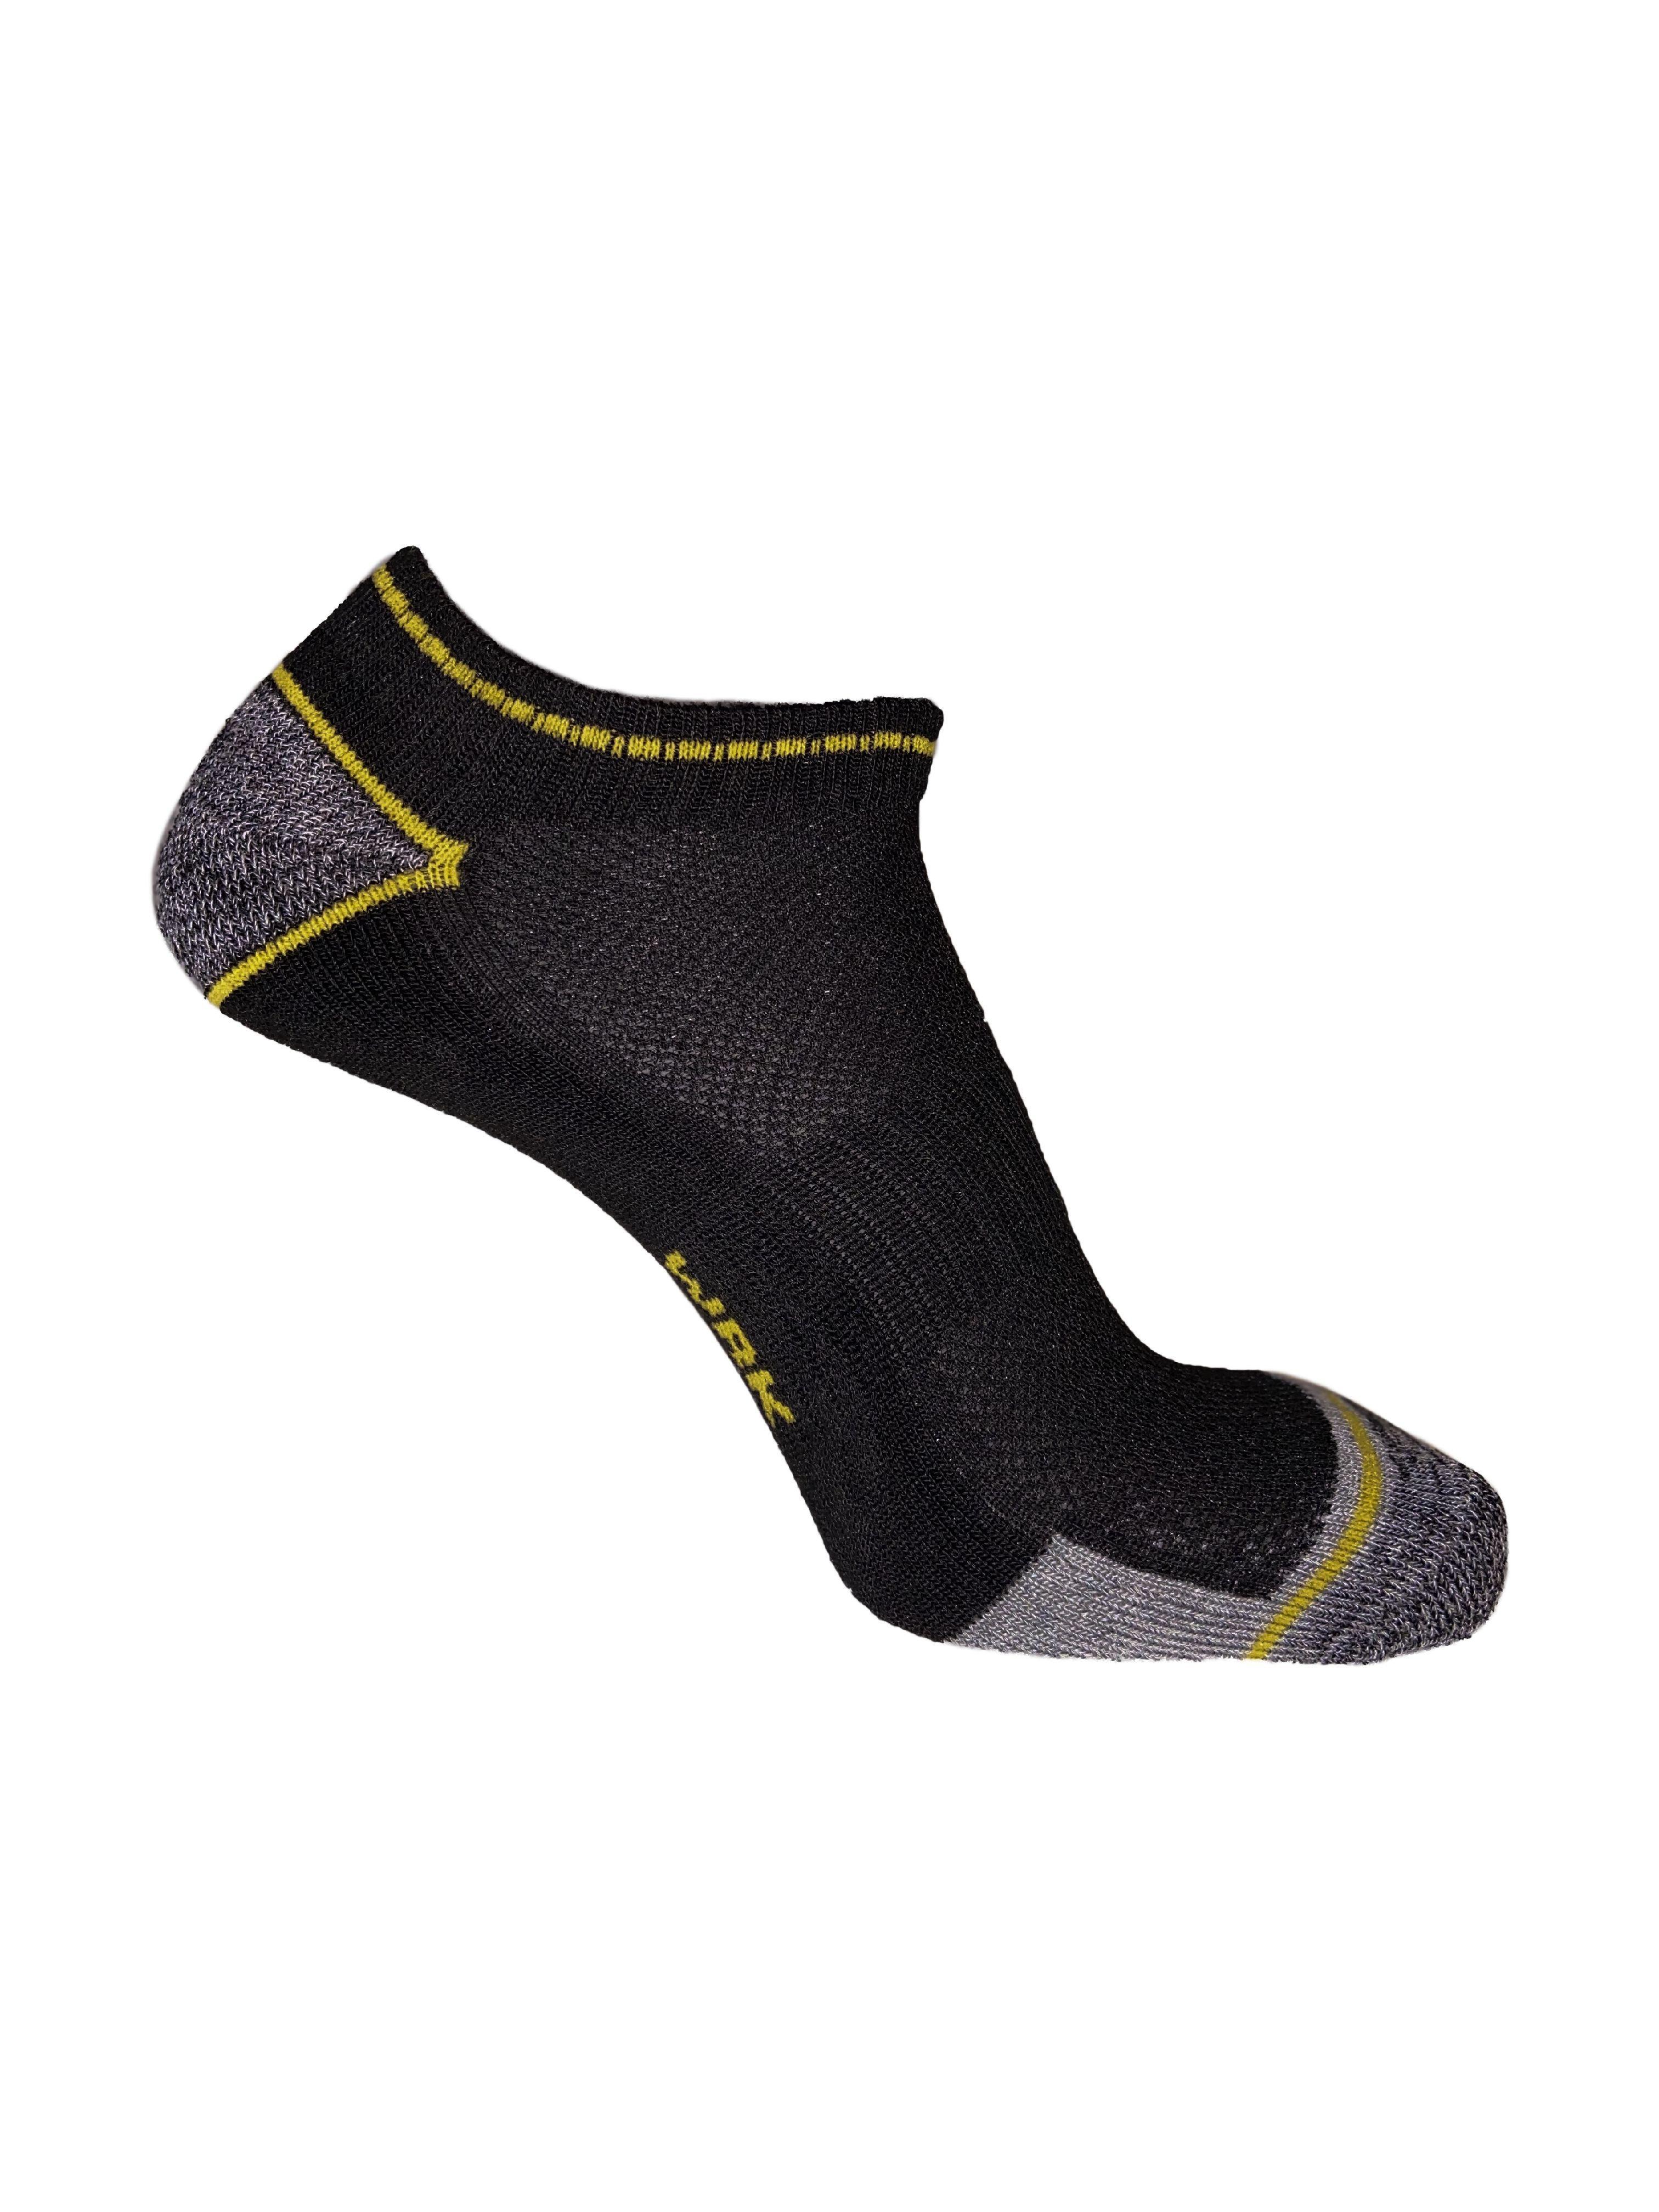 wrk 6 paia di calzini scarpa antinfortunistica da lavoro corti